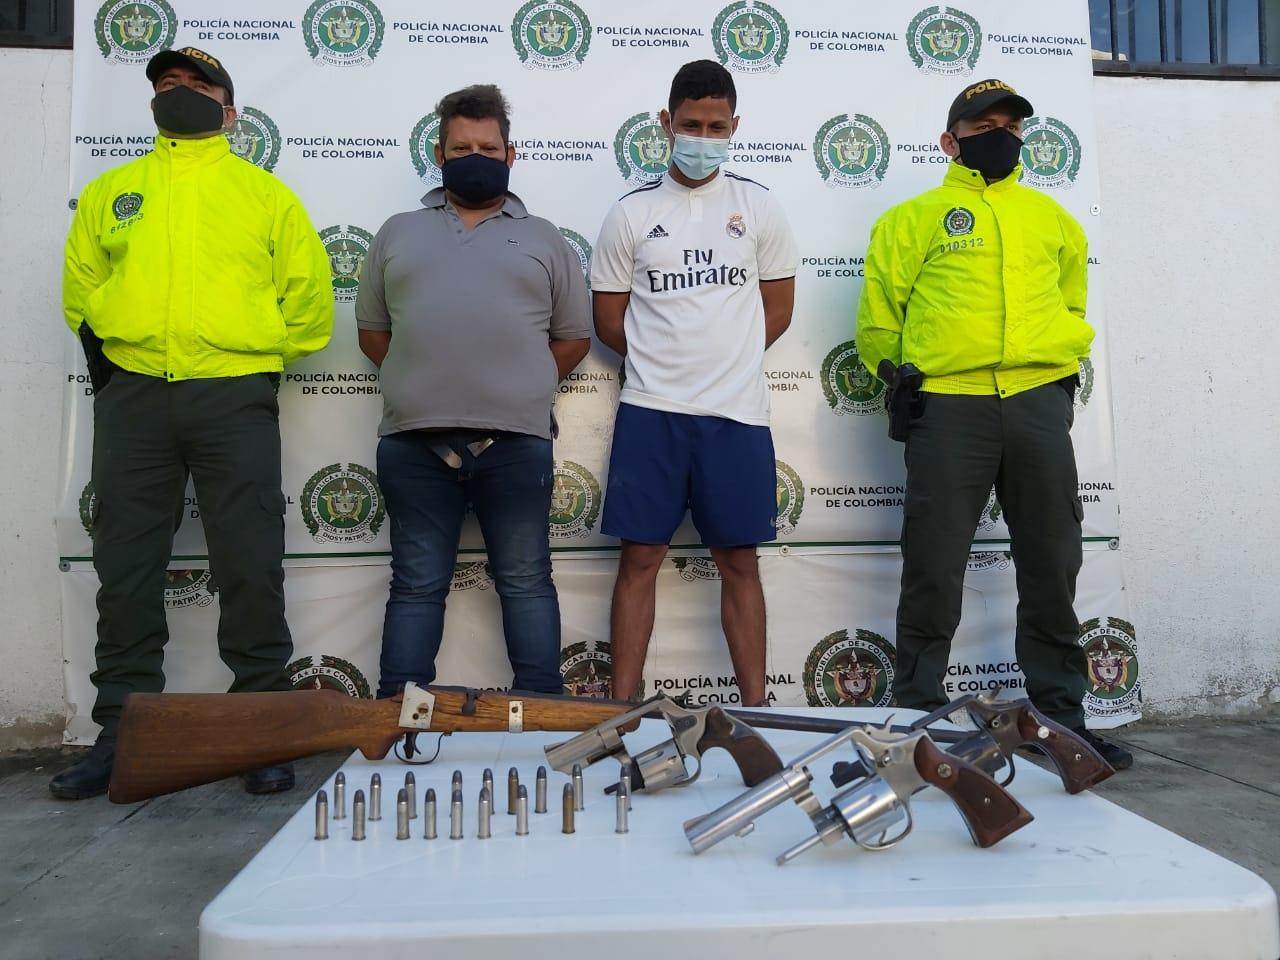 Las personas que poseían las armas fueron capturadas.